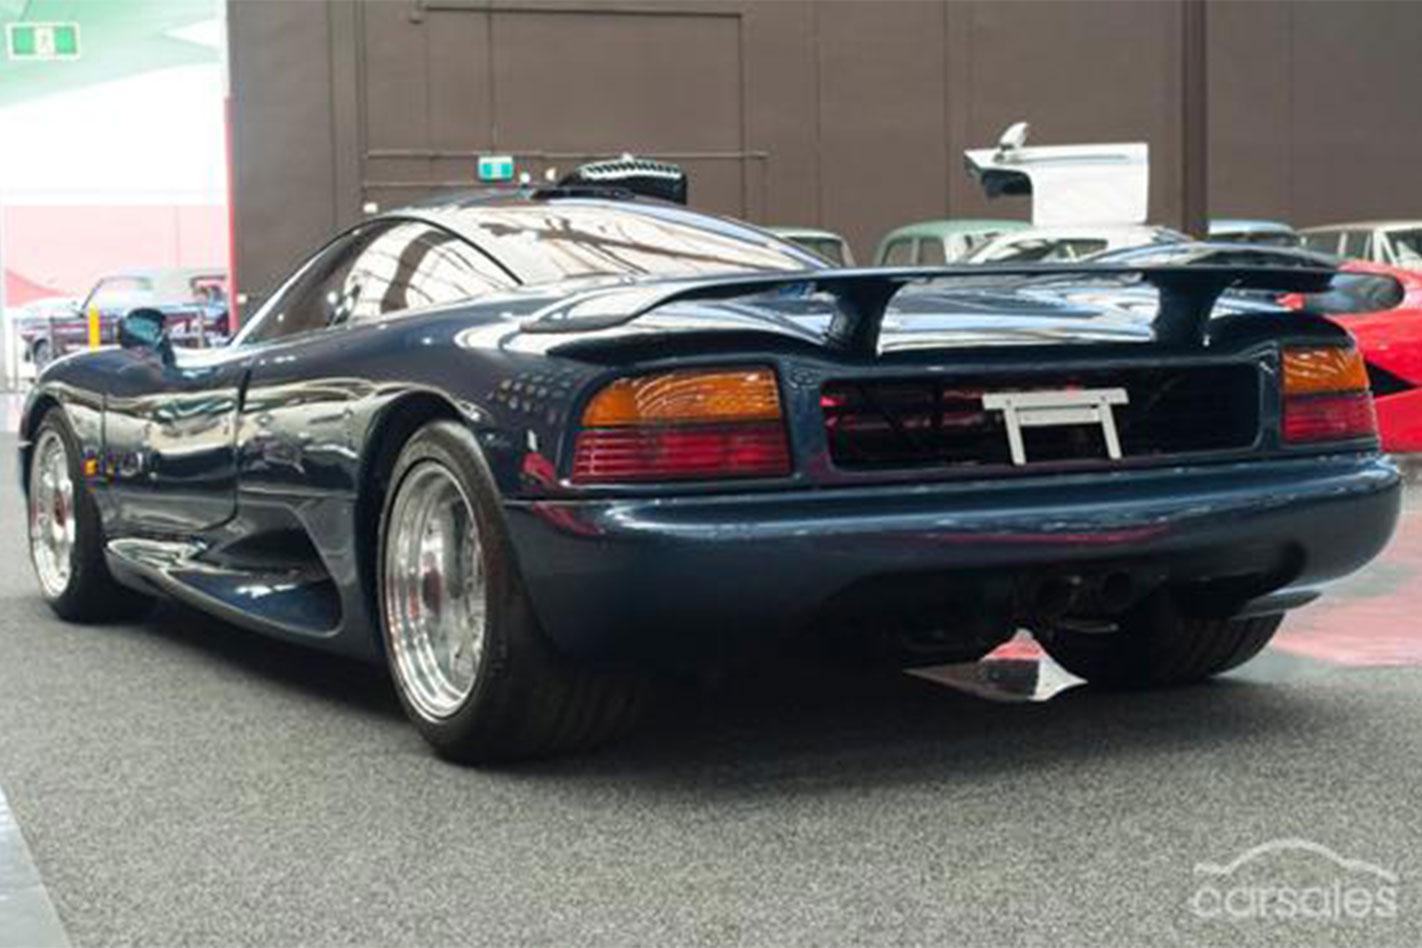 Jaguar XJR15 rear